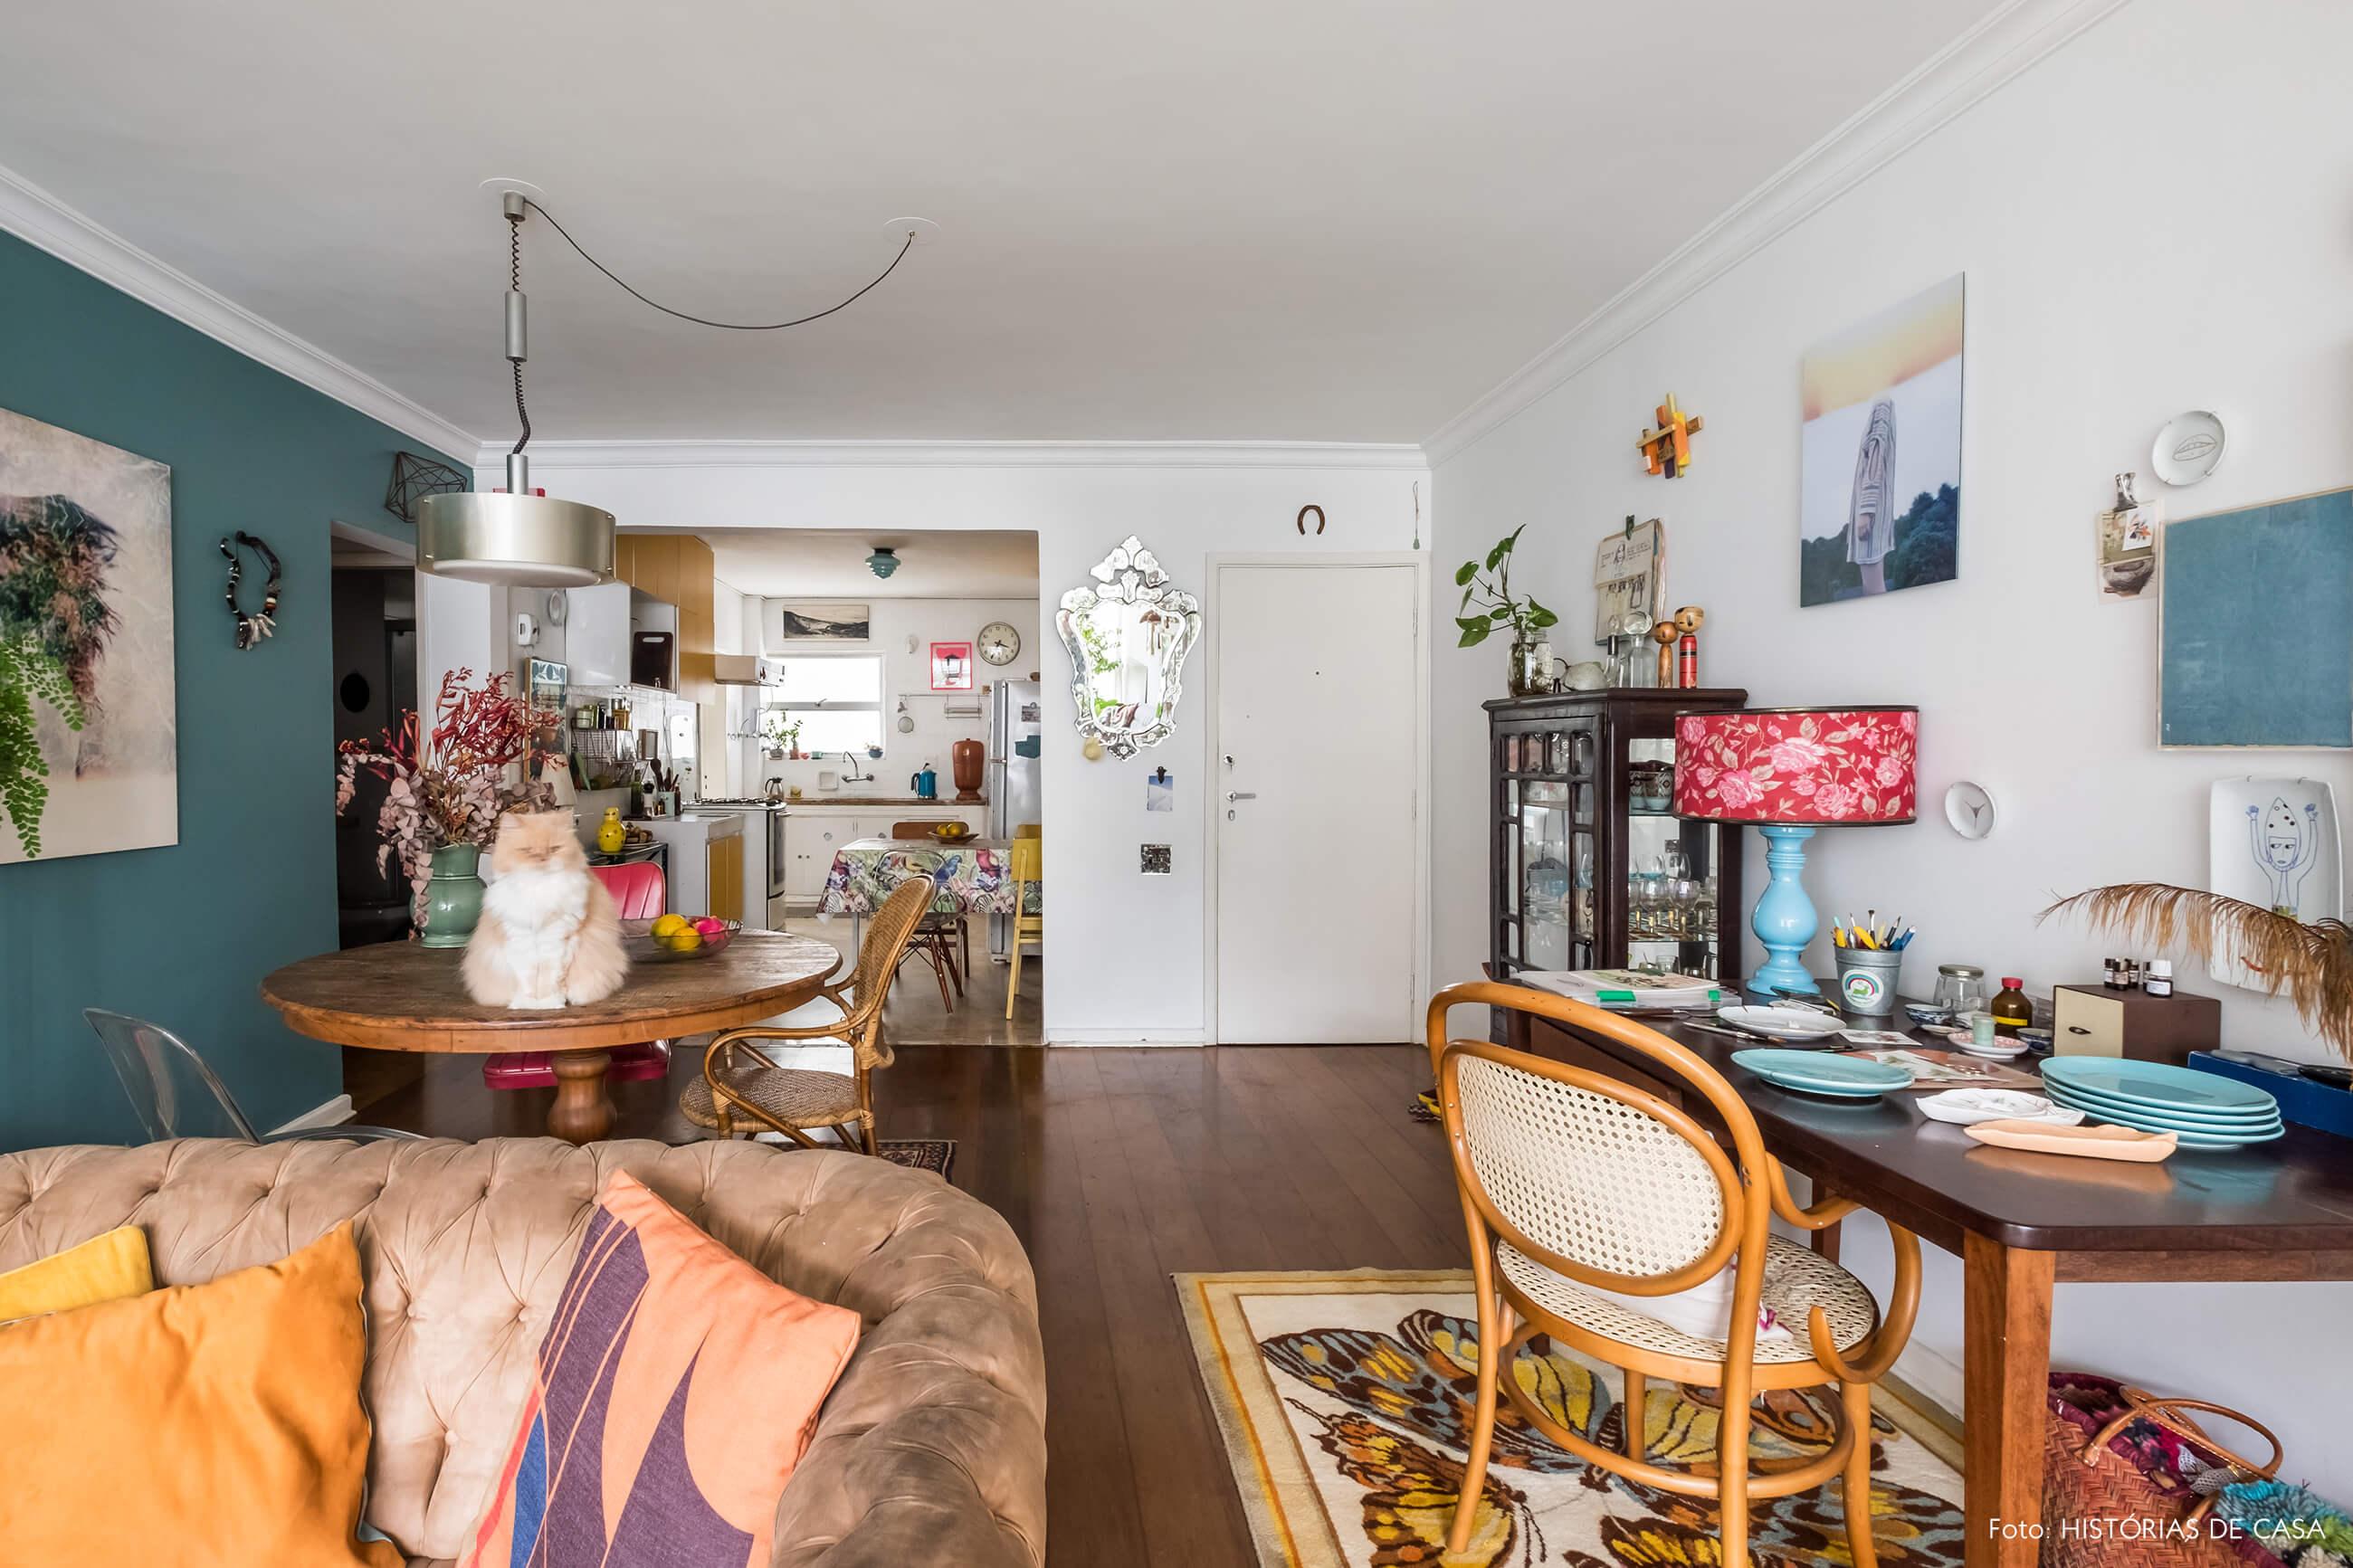 Apartamento com decoração vintage e relíquias garimpadas